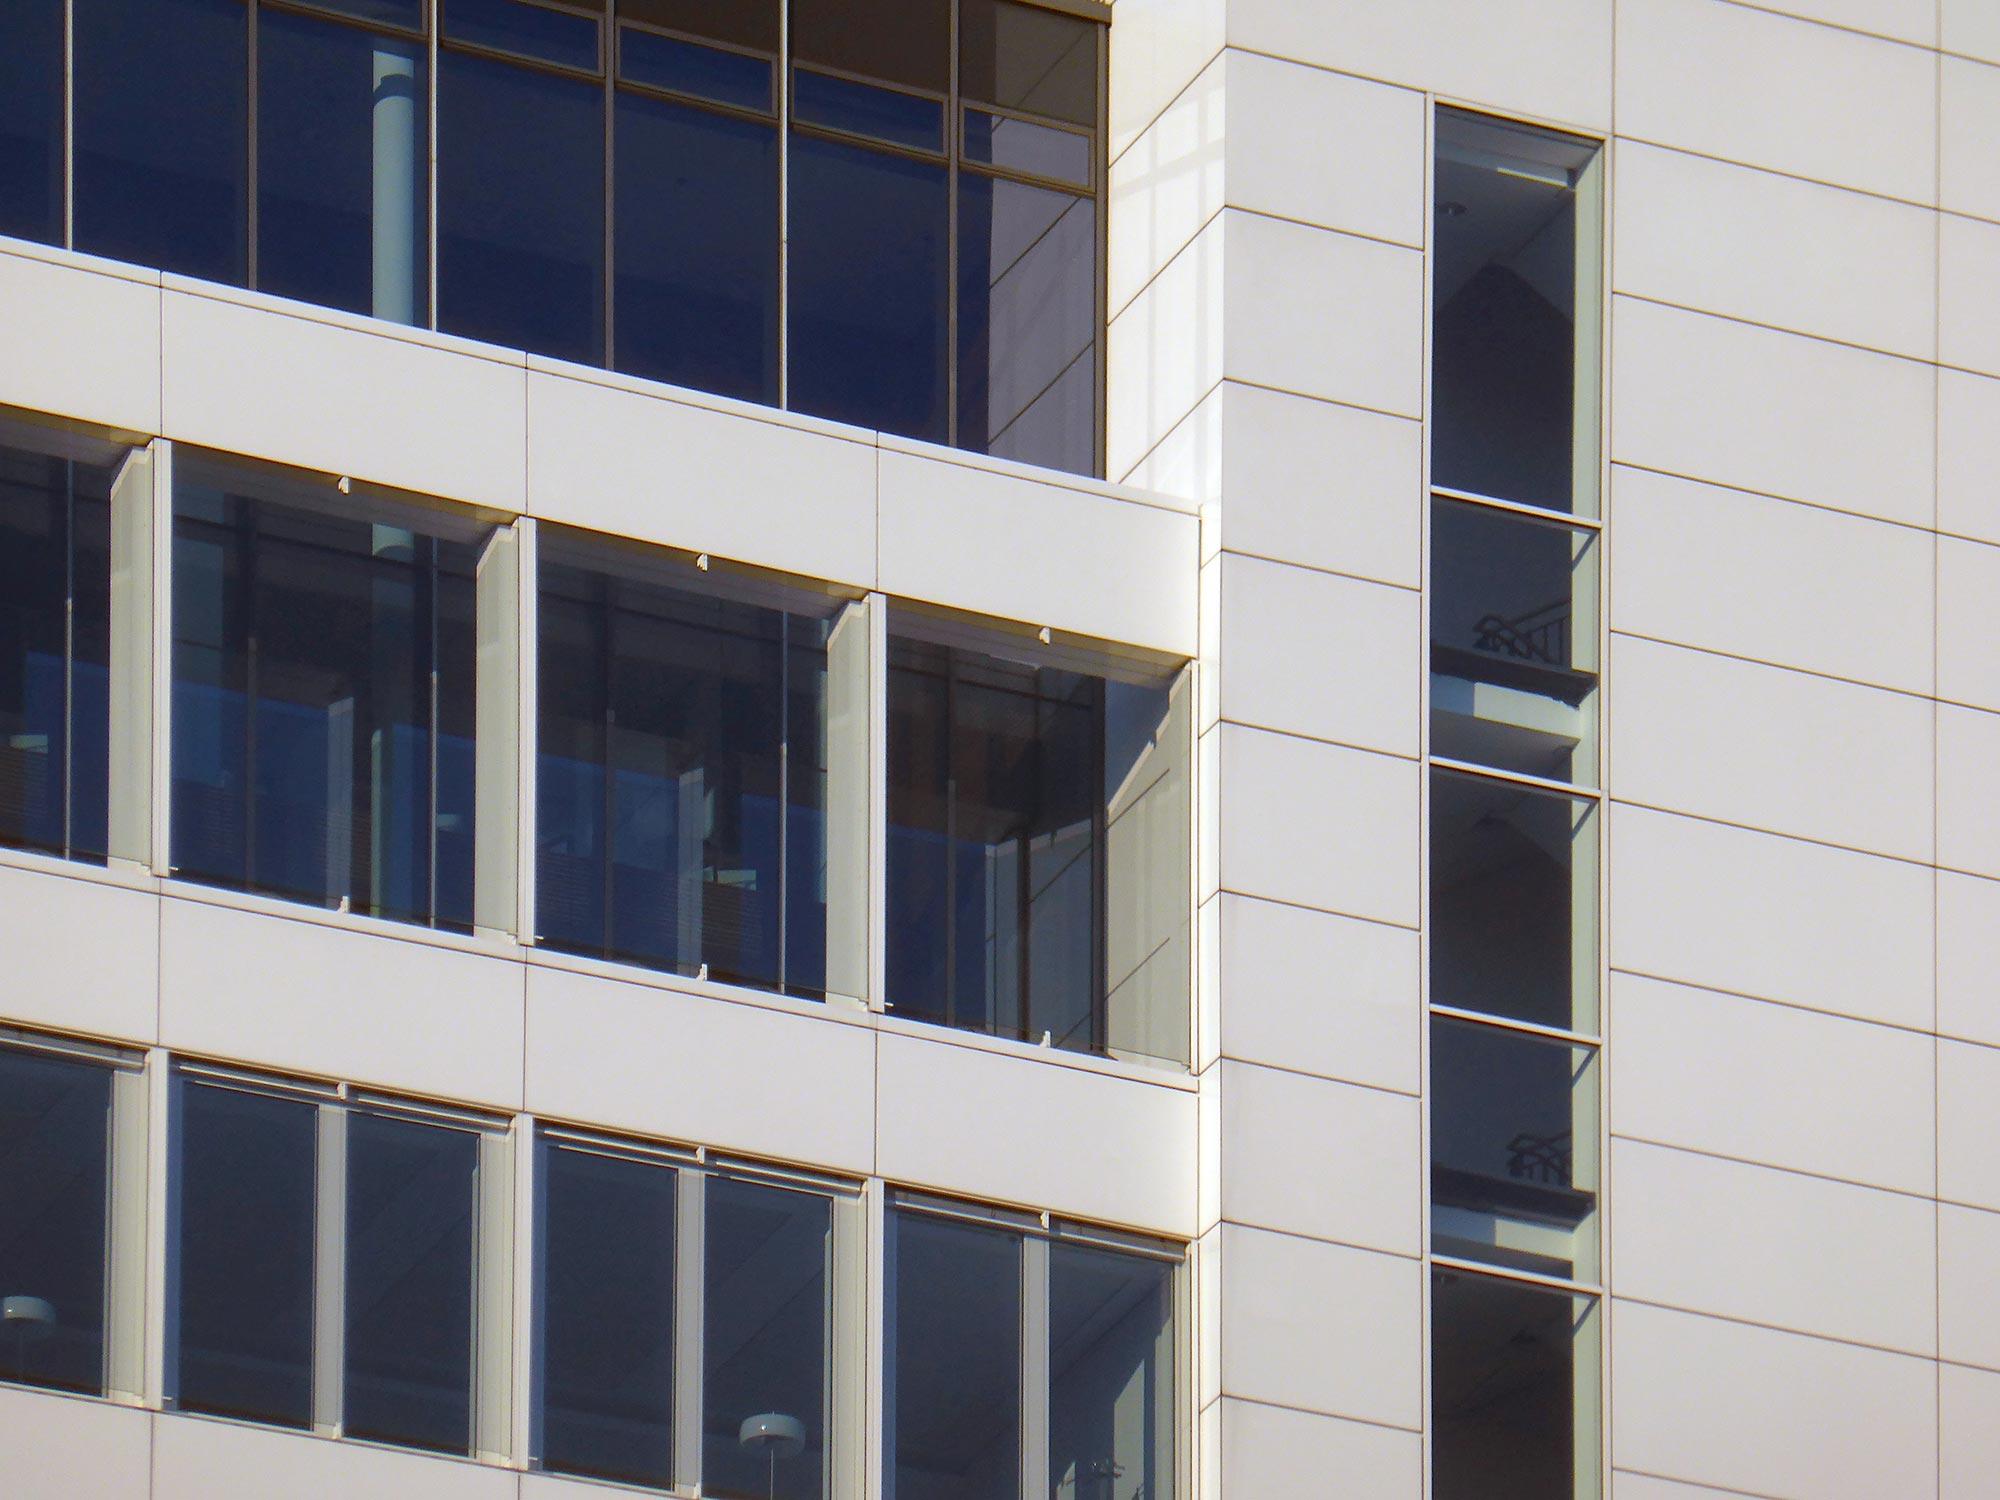 Sparkassen Hochhaus FFM - Frankfurt Finanz Informatik - Hochhaus Fassade